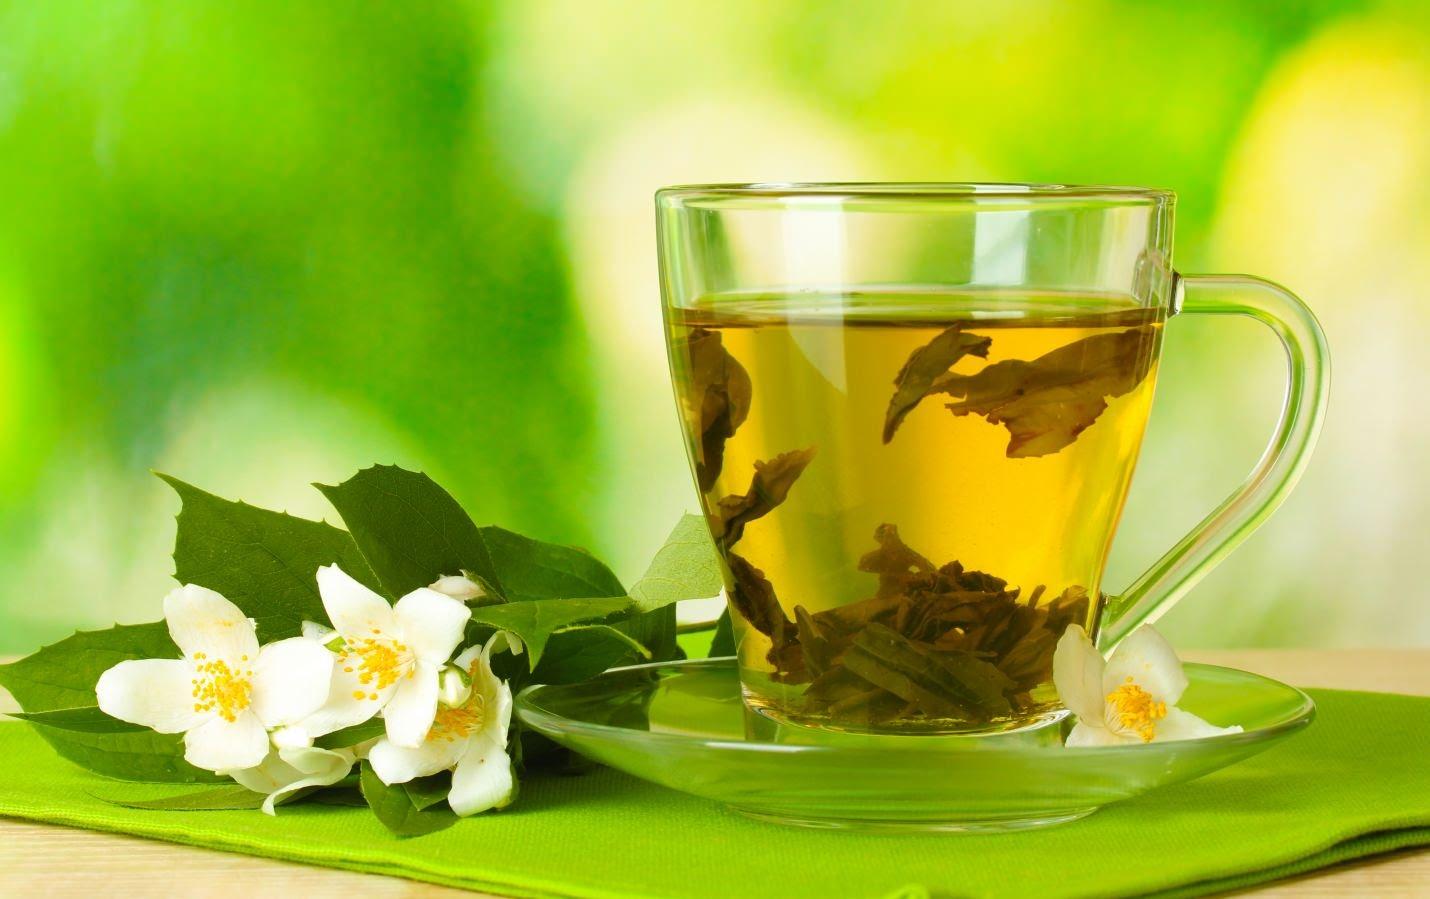 Té de jazmín: 8 propiedades y beneficios de esta infusión